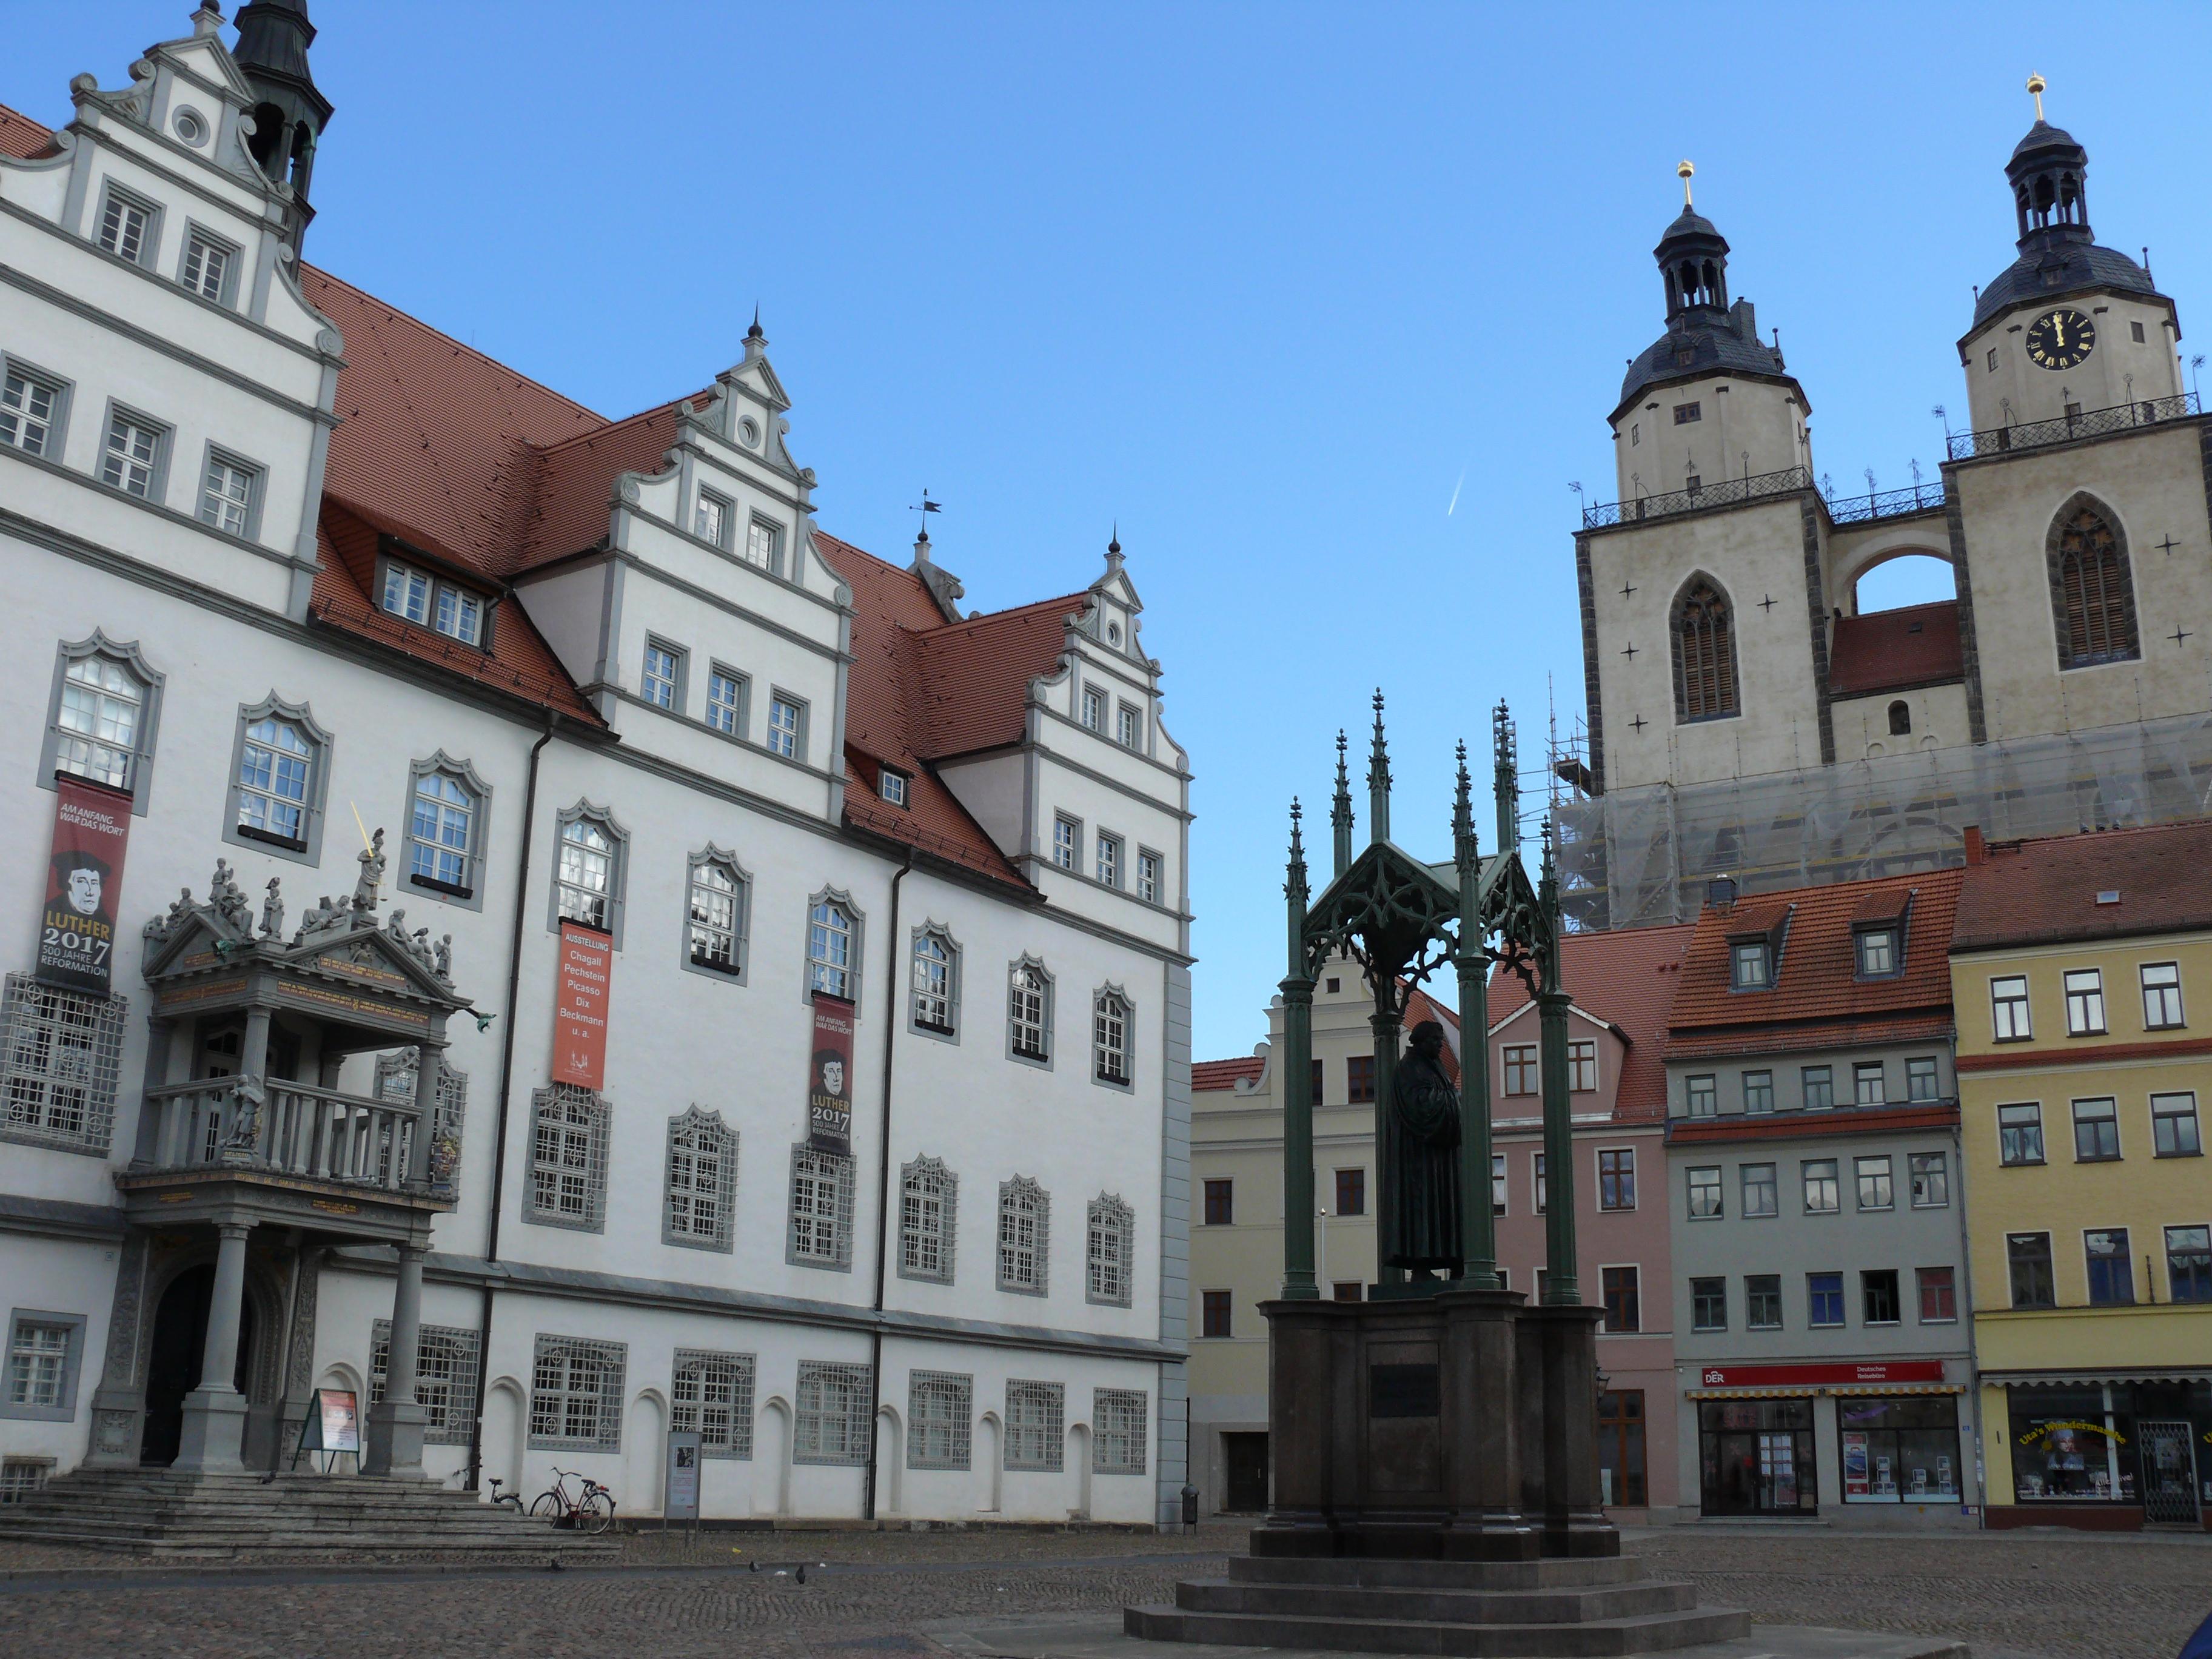 09 Wittenberg - Markt - Luther